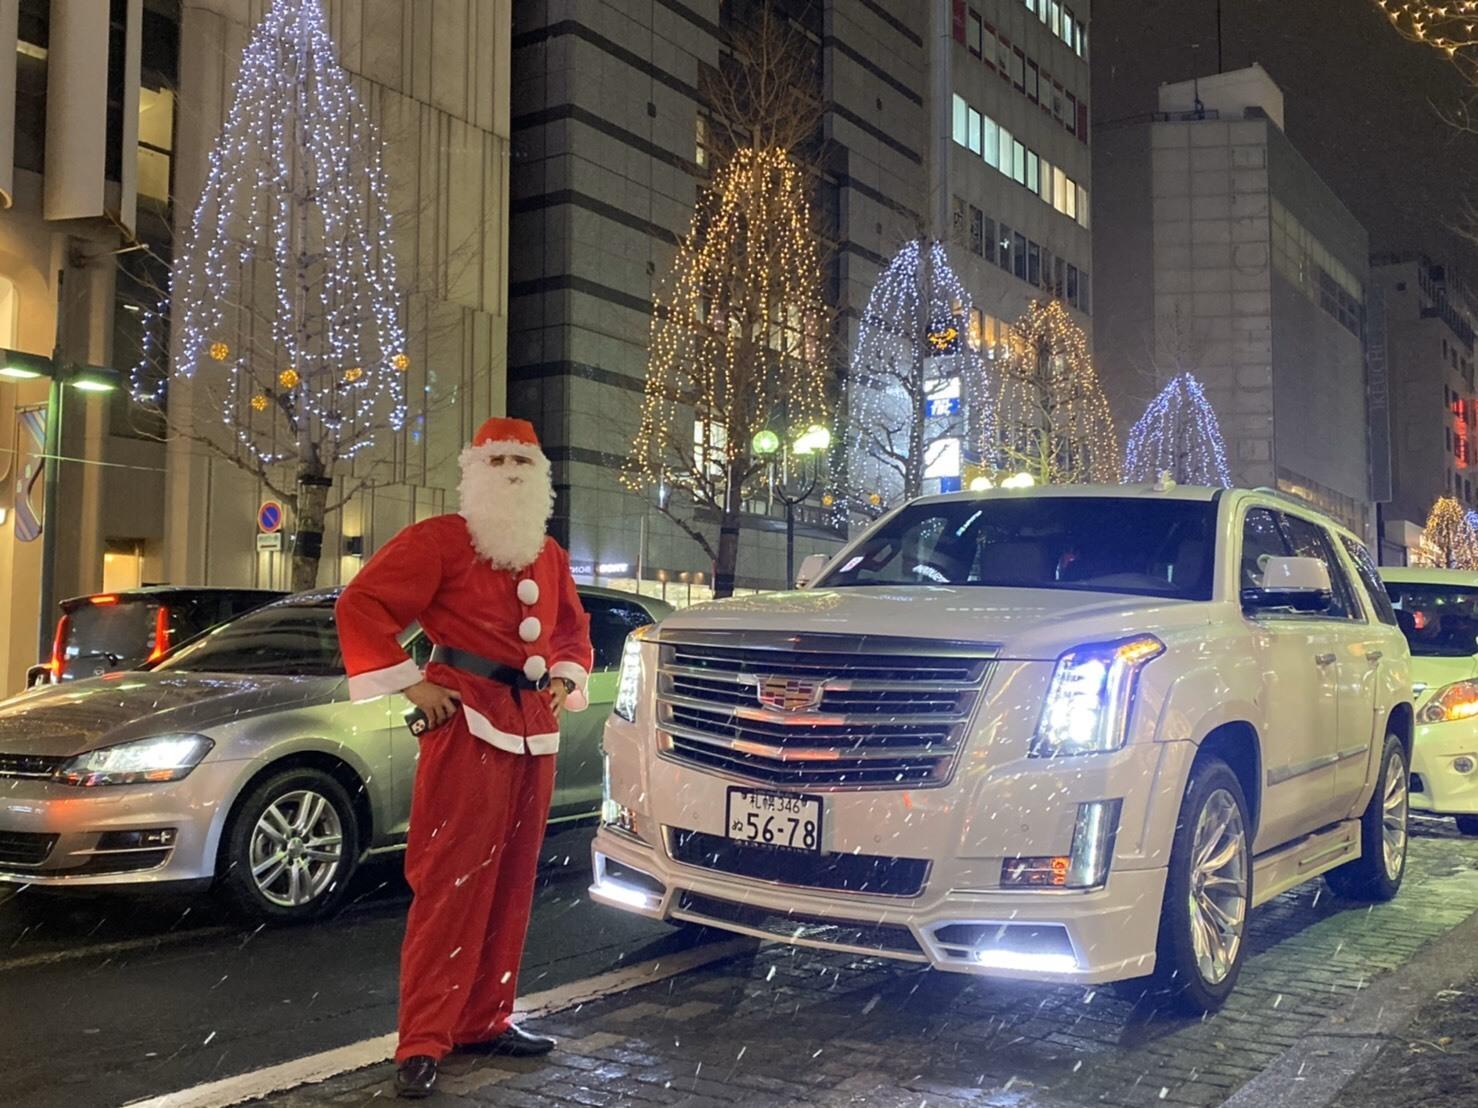 メリークリスマス(^^♪TOMMYサンタも出動!!!G社様 納車(^^)/ エスカレード、ハマー、ハイエース_b0127002_18153544.jpg